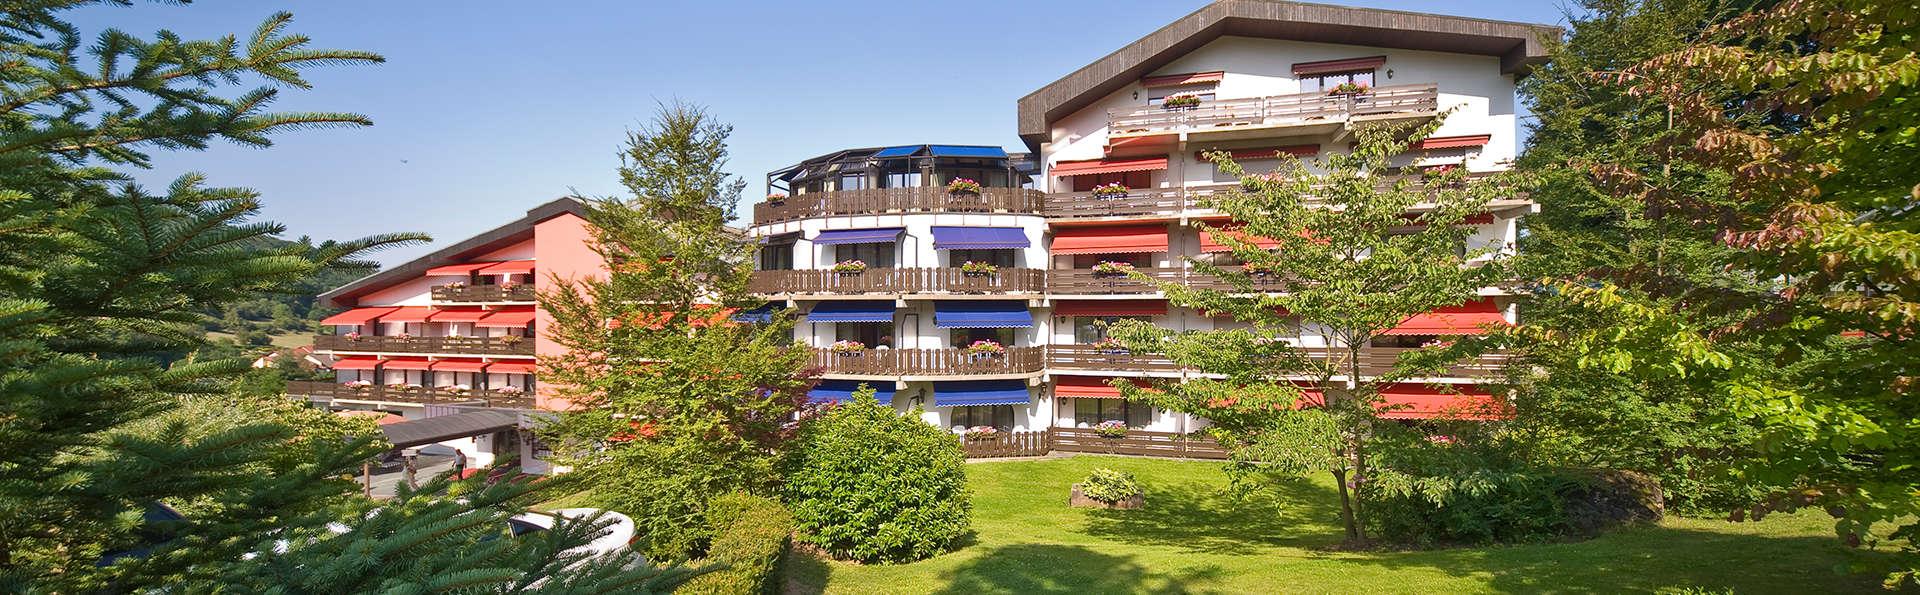 Hotel Eden au Lac - Edit_Garden.jpg